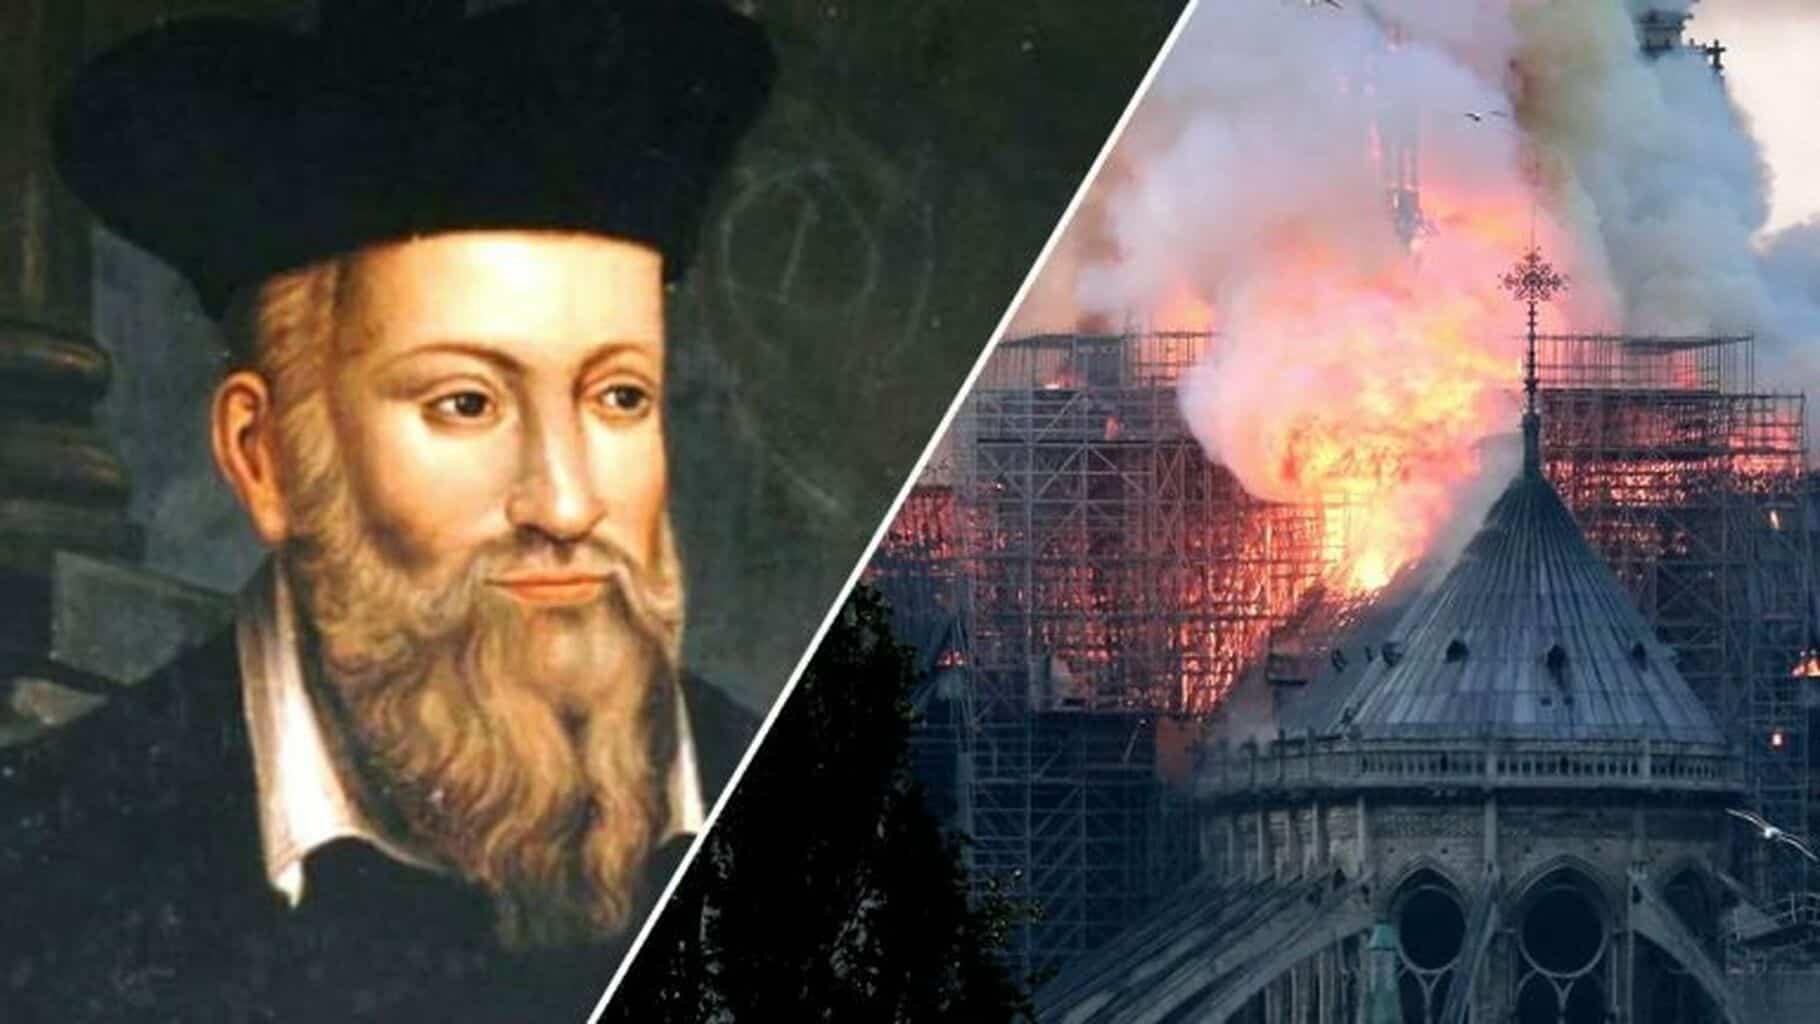 Predicción de Nostradamus sobre incendio de la catedral de Notre Dame